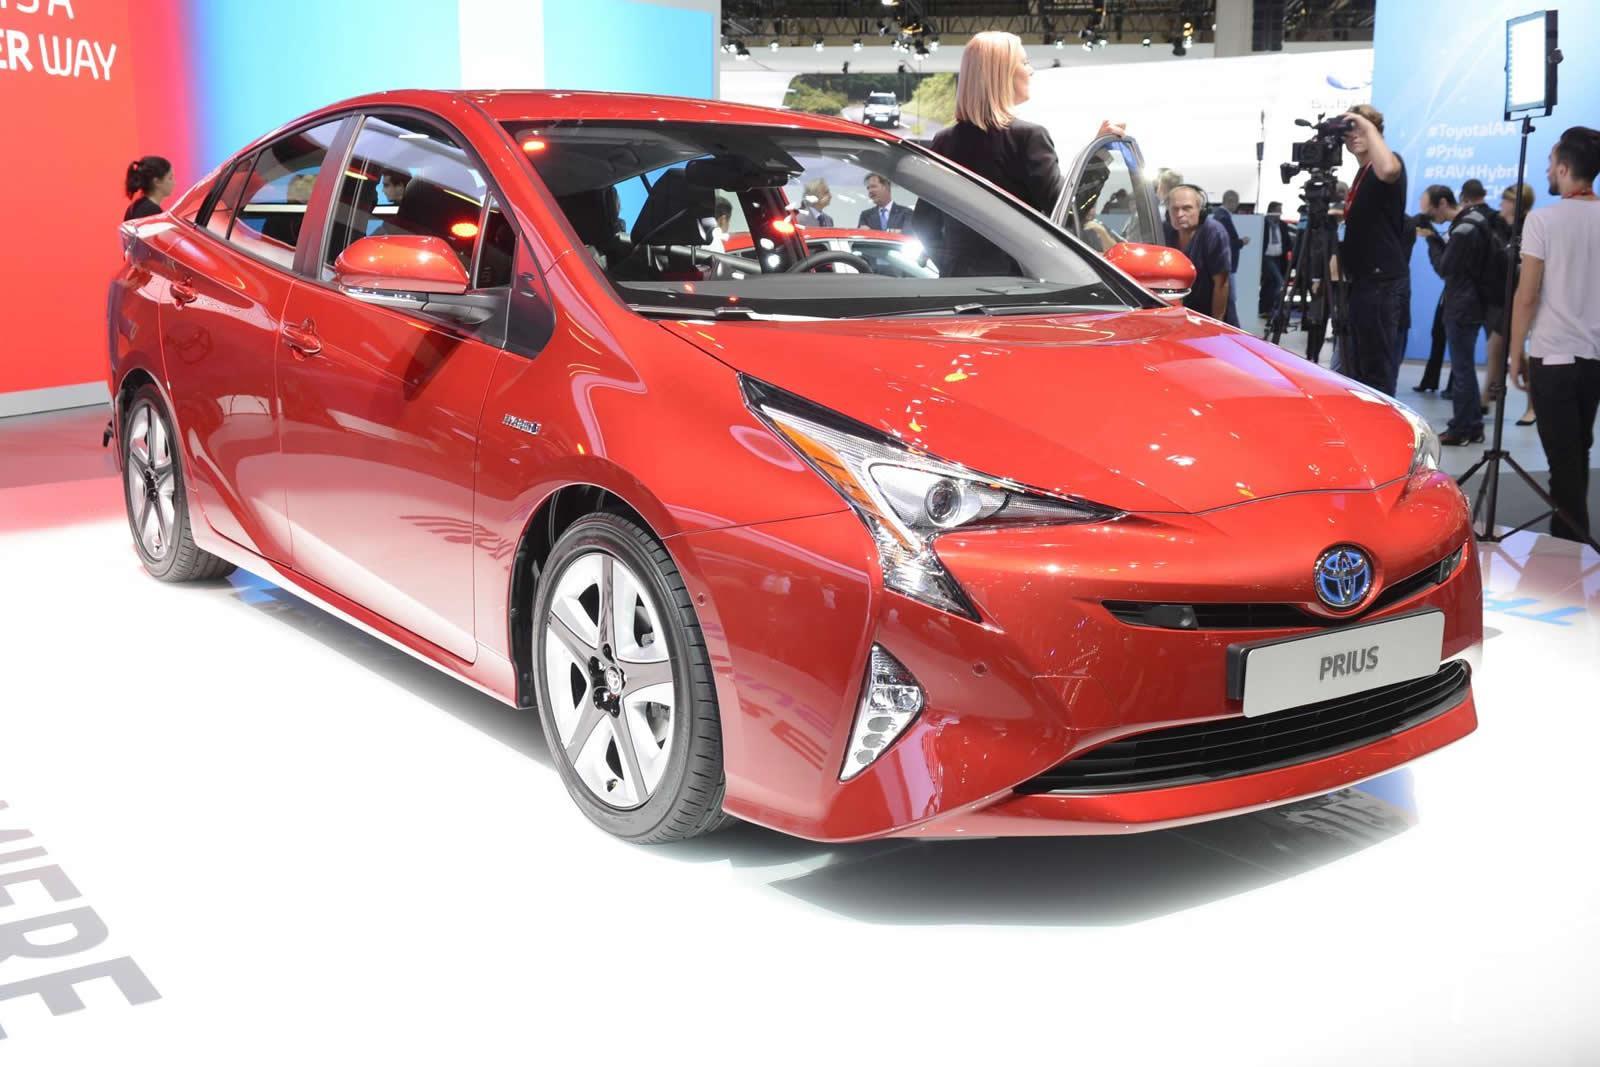 El nuevo Toyota Prius cumple veinte años, actualizando su curta generación que equipa mas tecnología y comunicación.